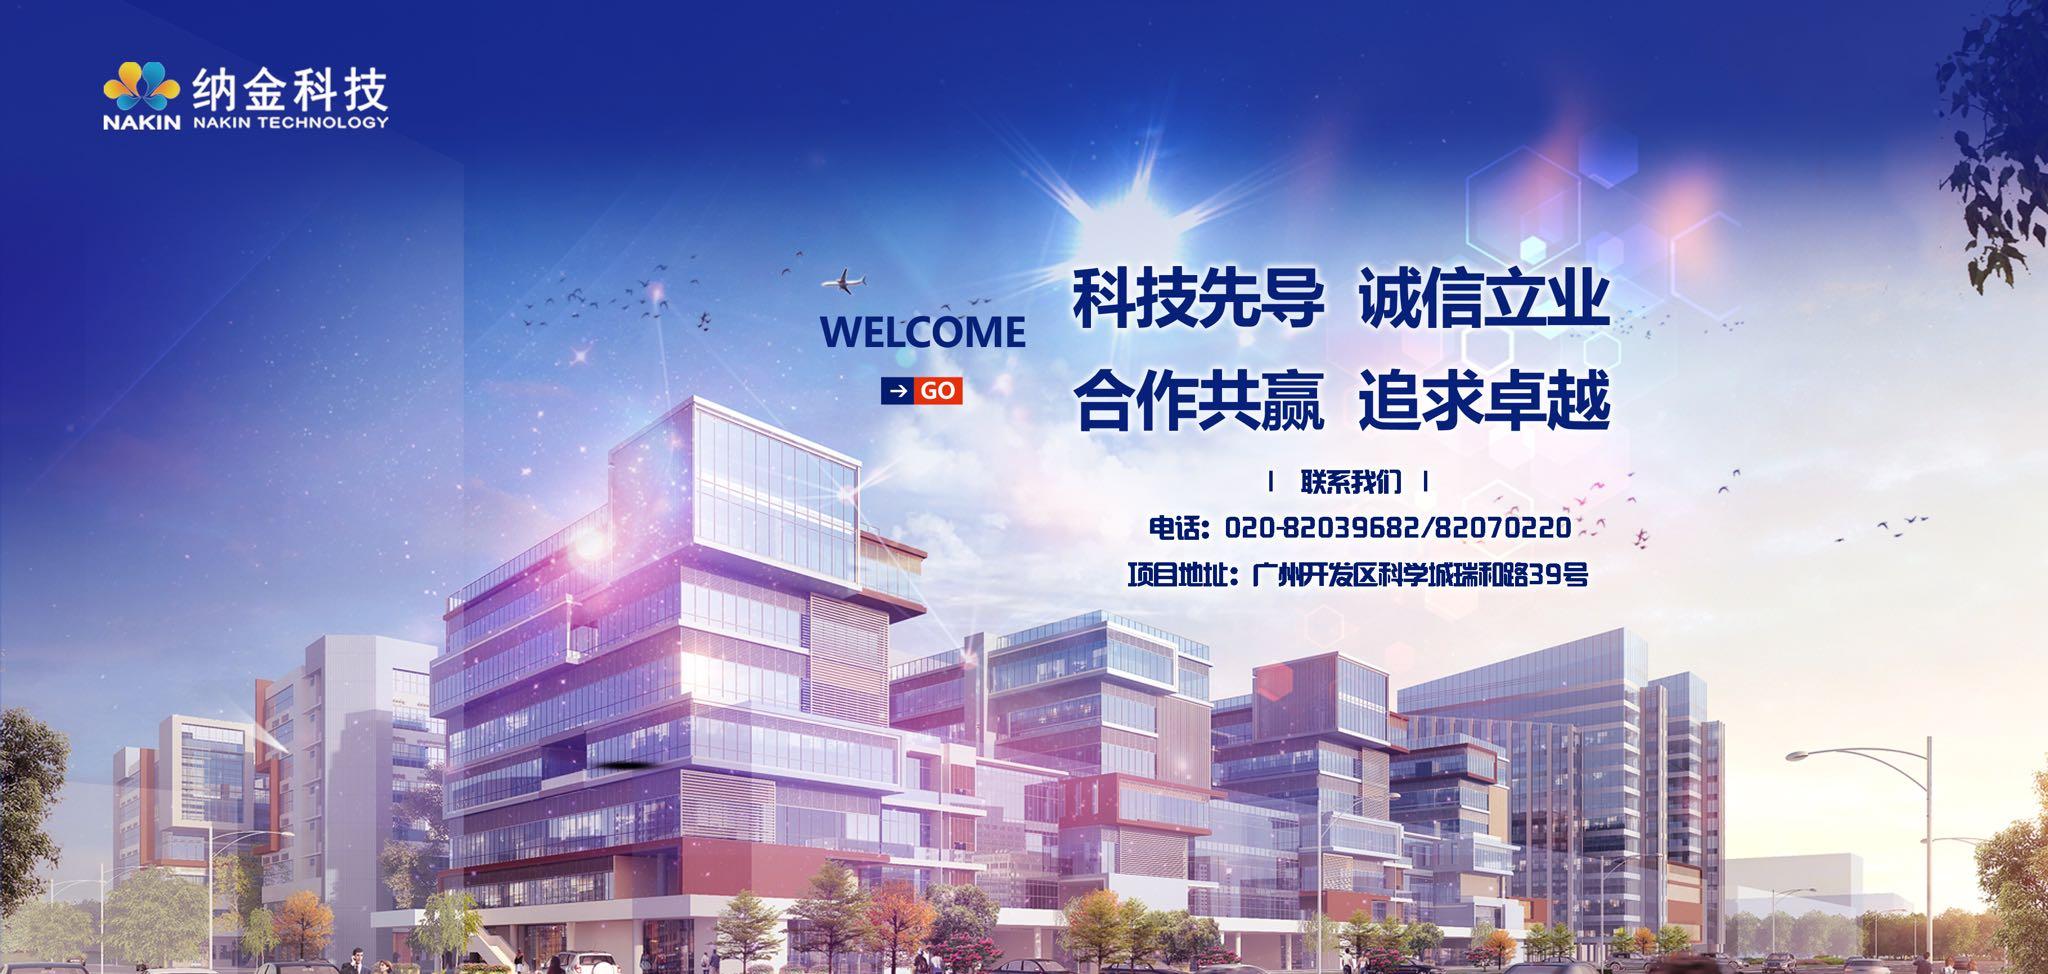 来自黄锐发布的商务合作信息:纳金科技产业园,广州开发区18万平方米科... - 广州纳金科技有限公司